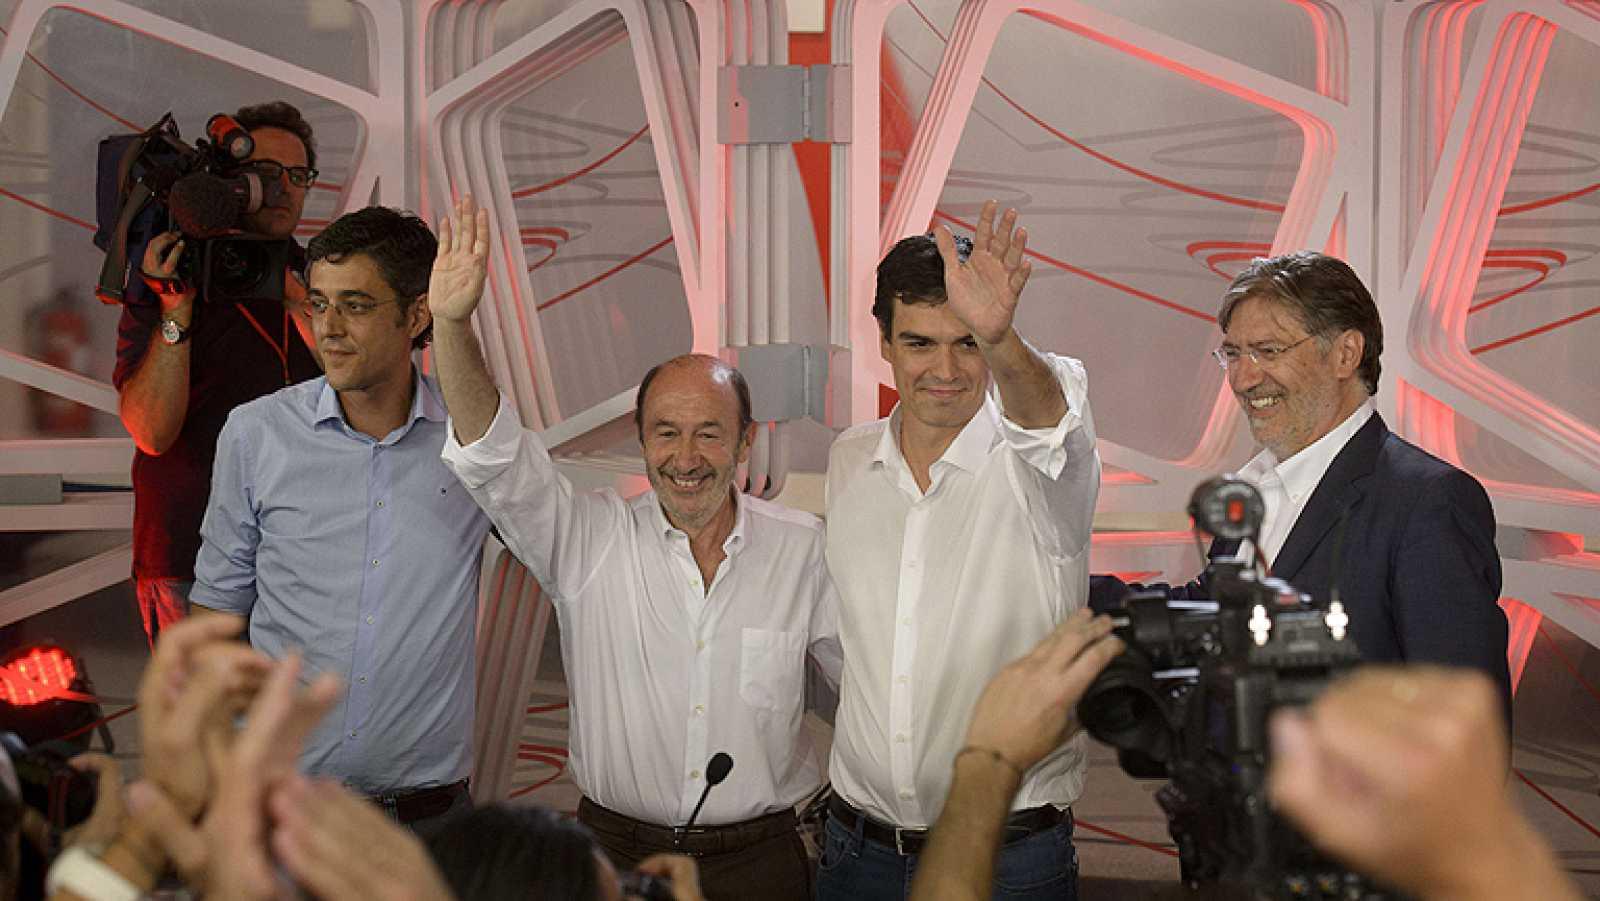 Los aspirantes a liderar el PSOE comparecen juntos tras la victoria de Pedro Sánchez